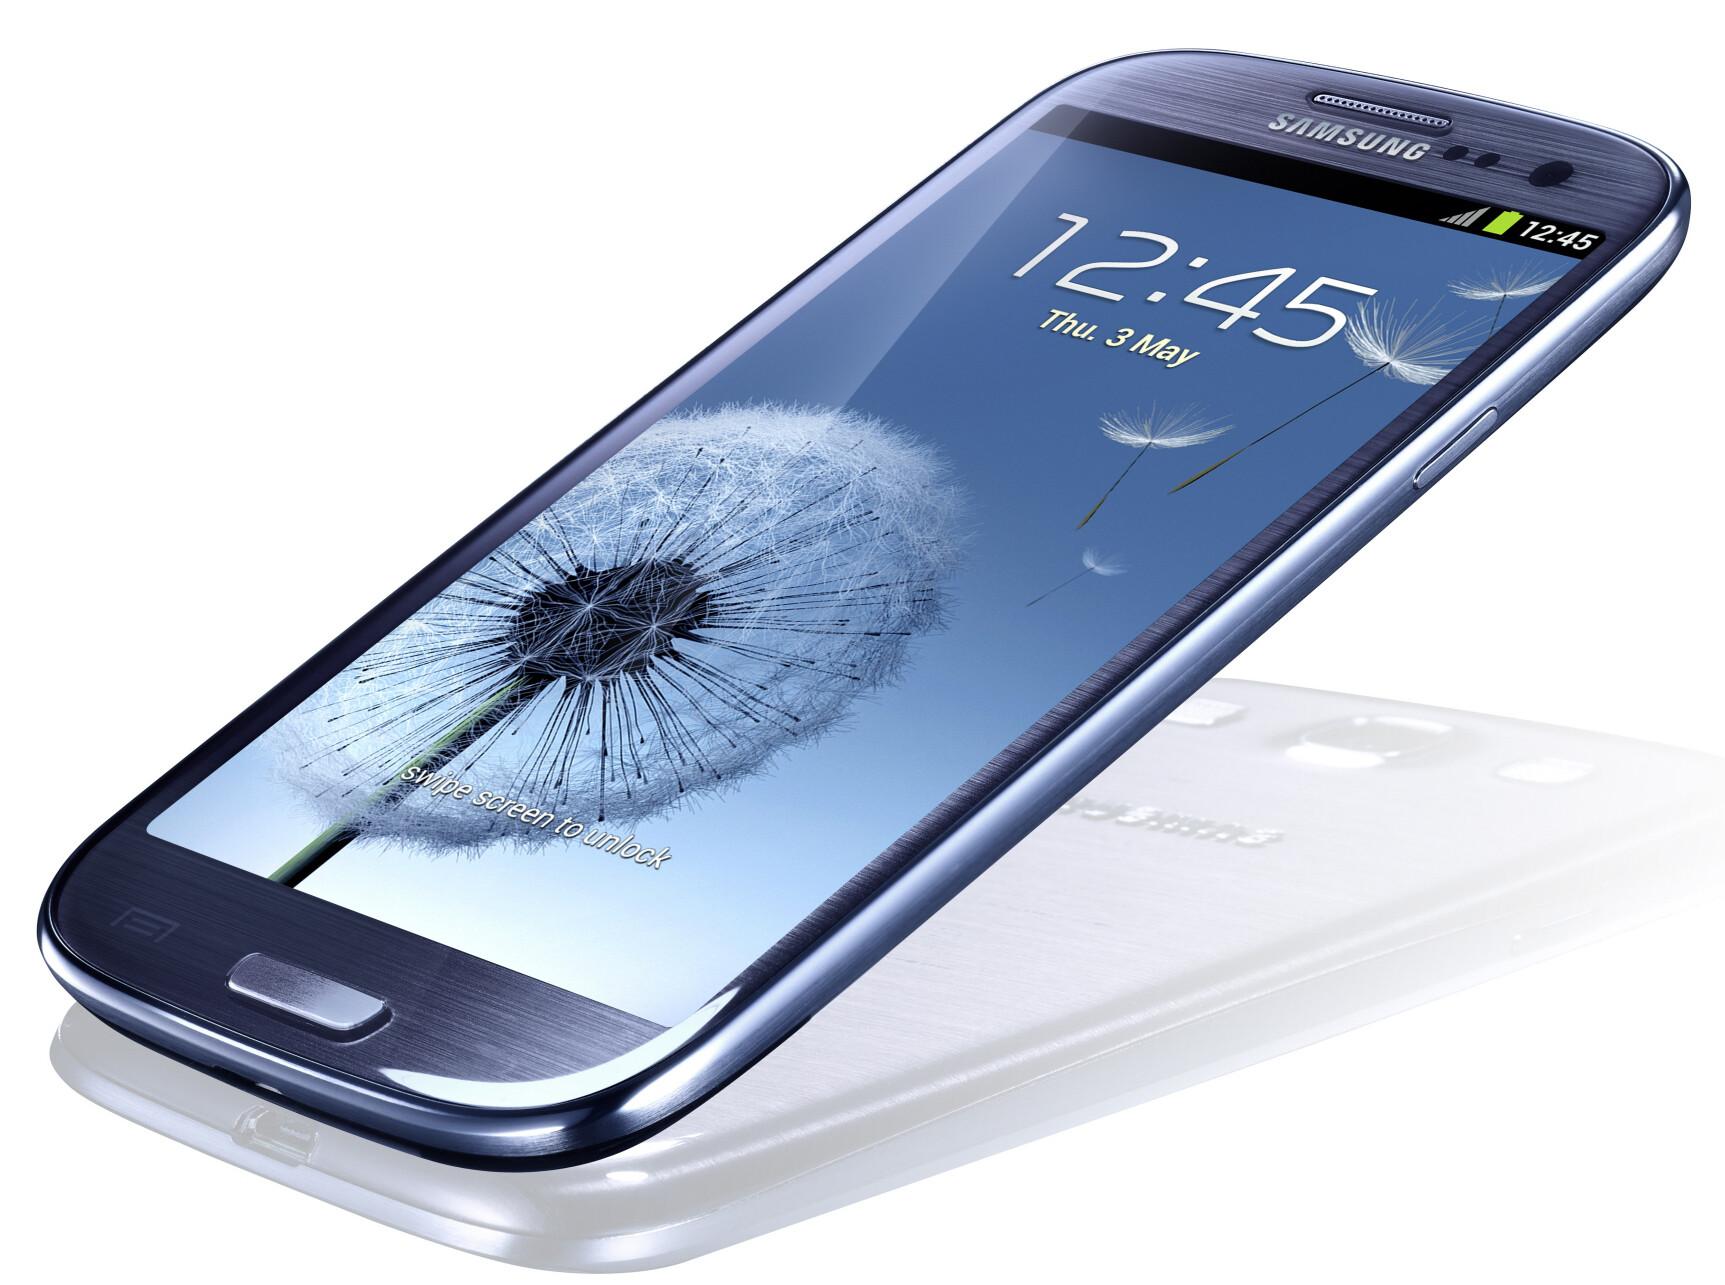 #3 - Samsung Galaxy S III